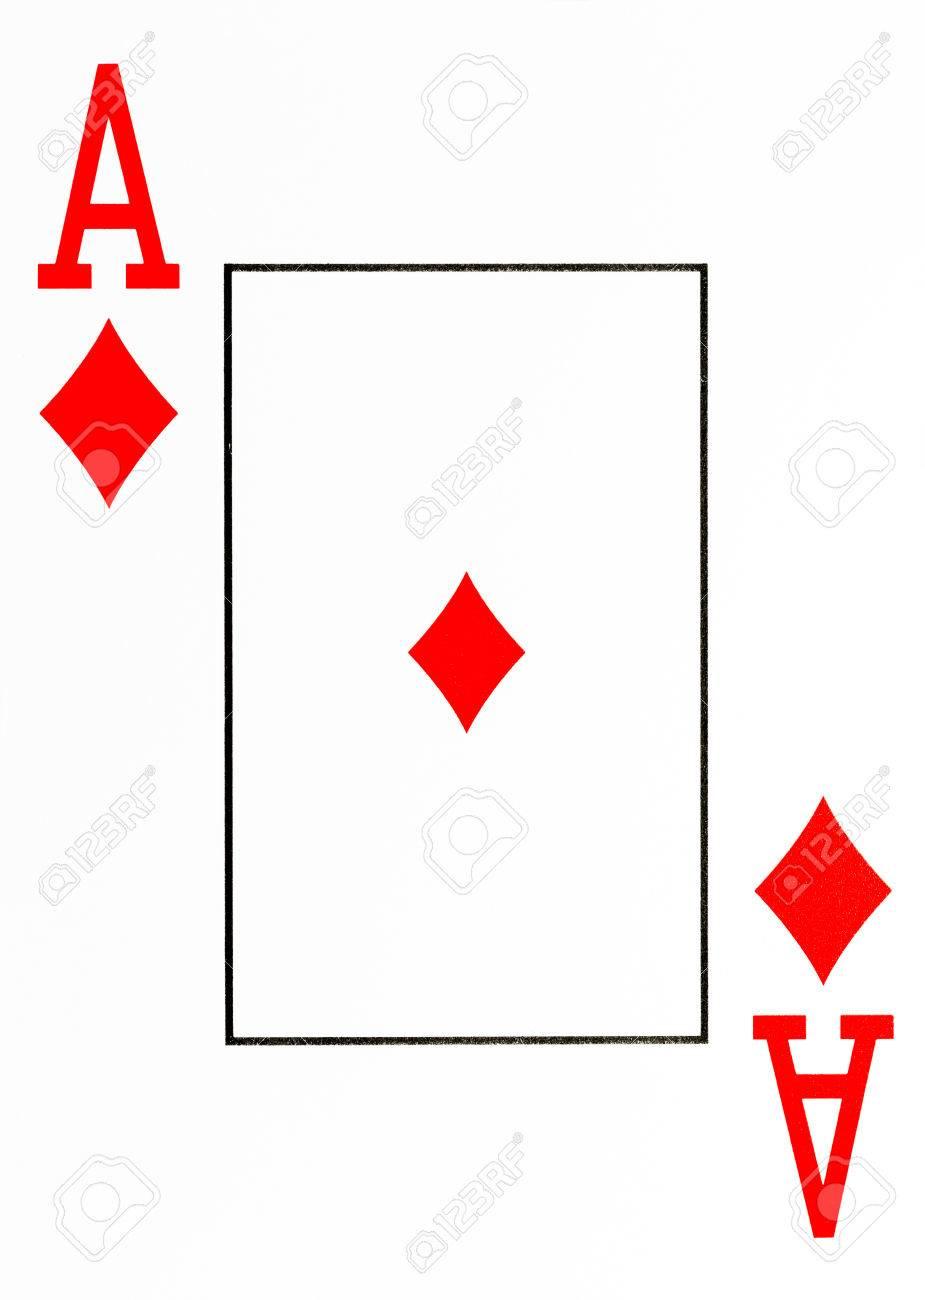 karo karte Große Karte Spielkarte Karo Ass Lizenzfreie Fotos, Bilder Und